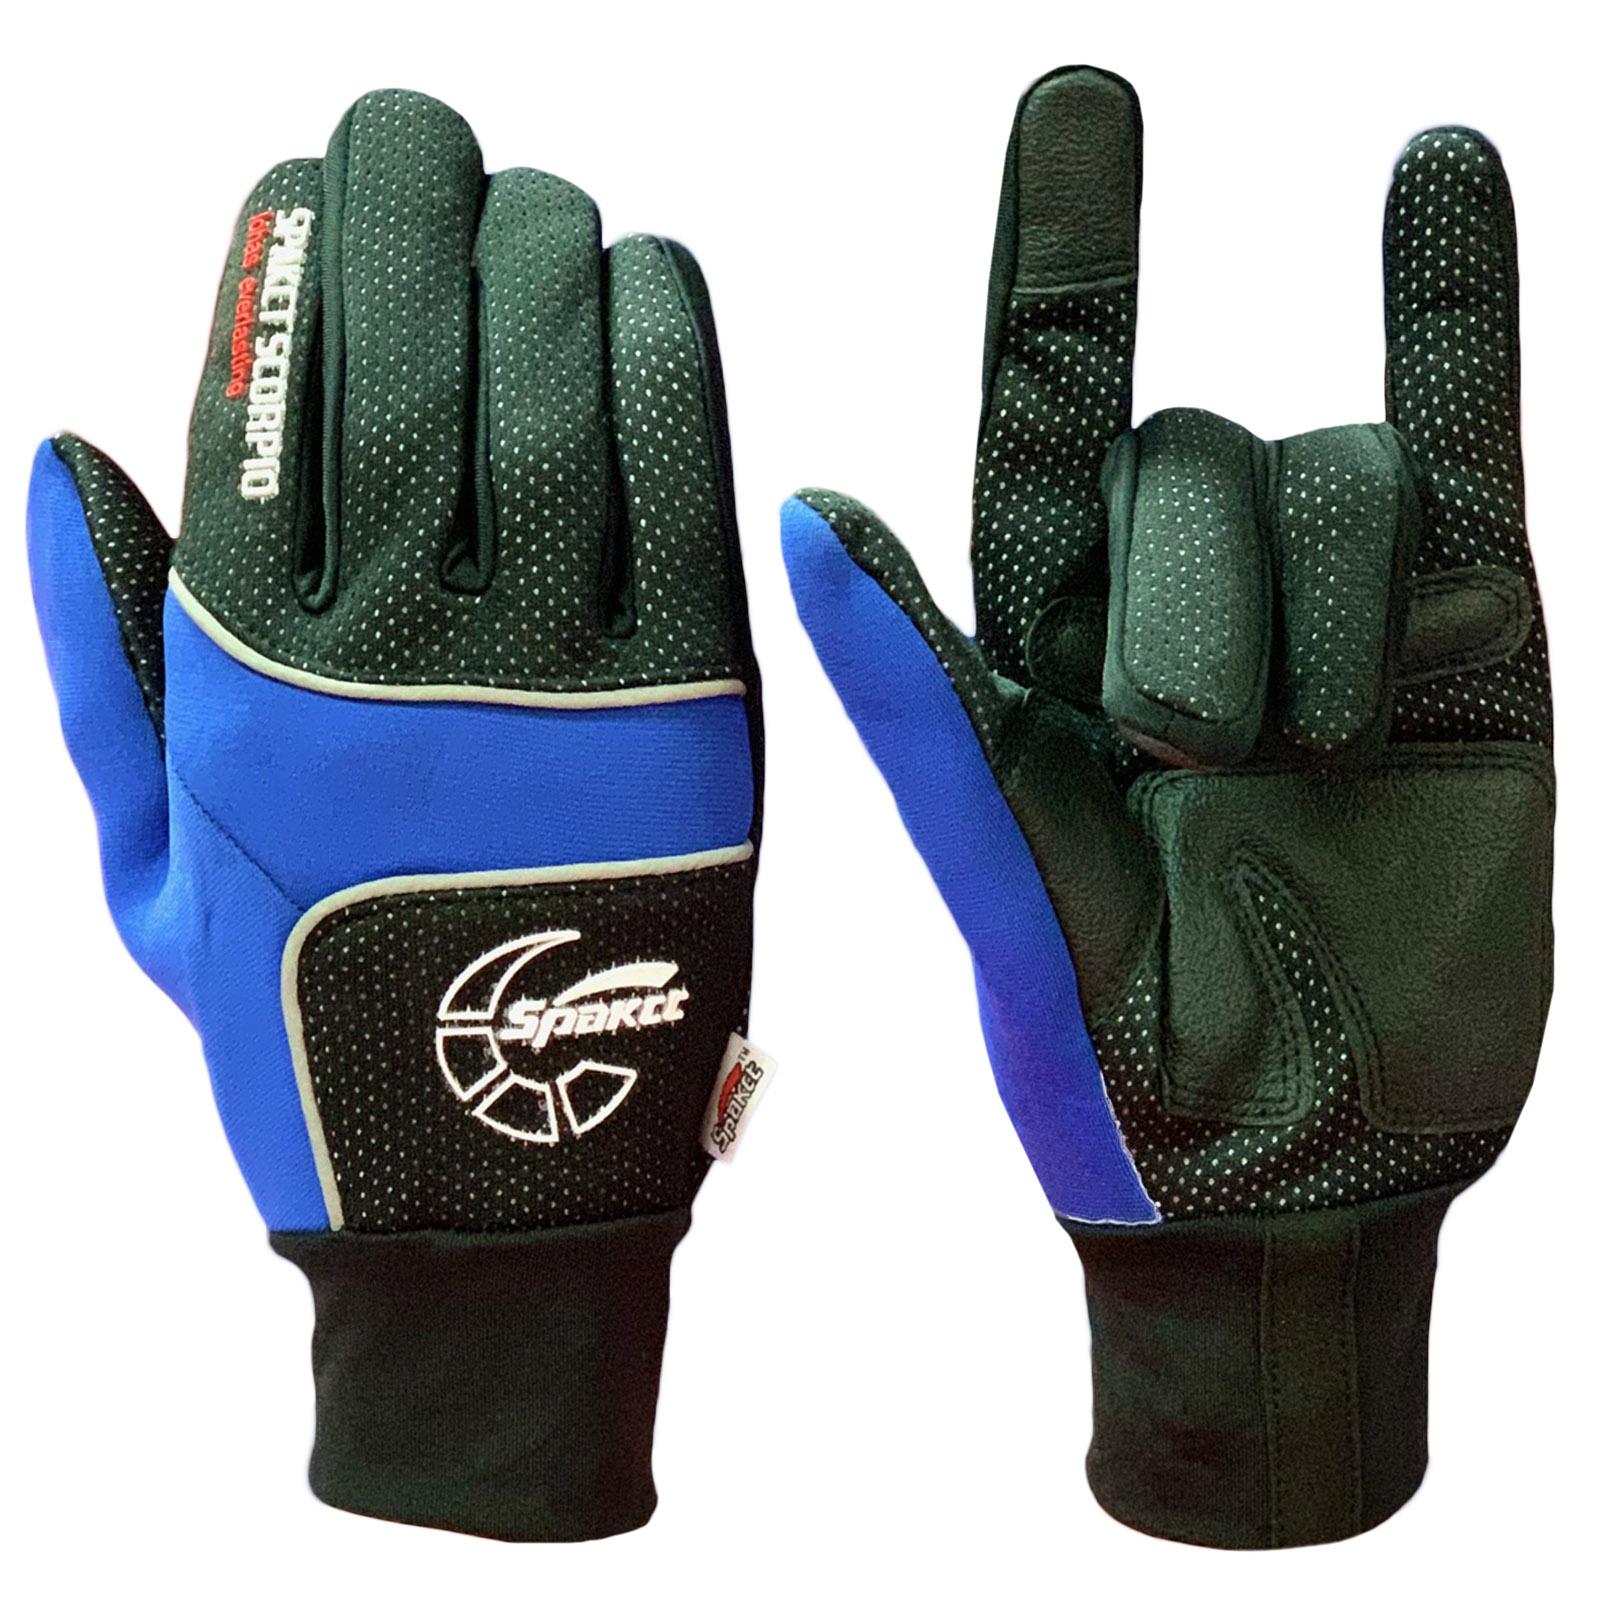 Эксклюзивные перчатки от Spakct с синими вставками